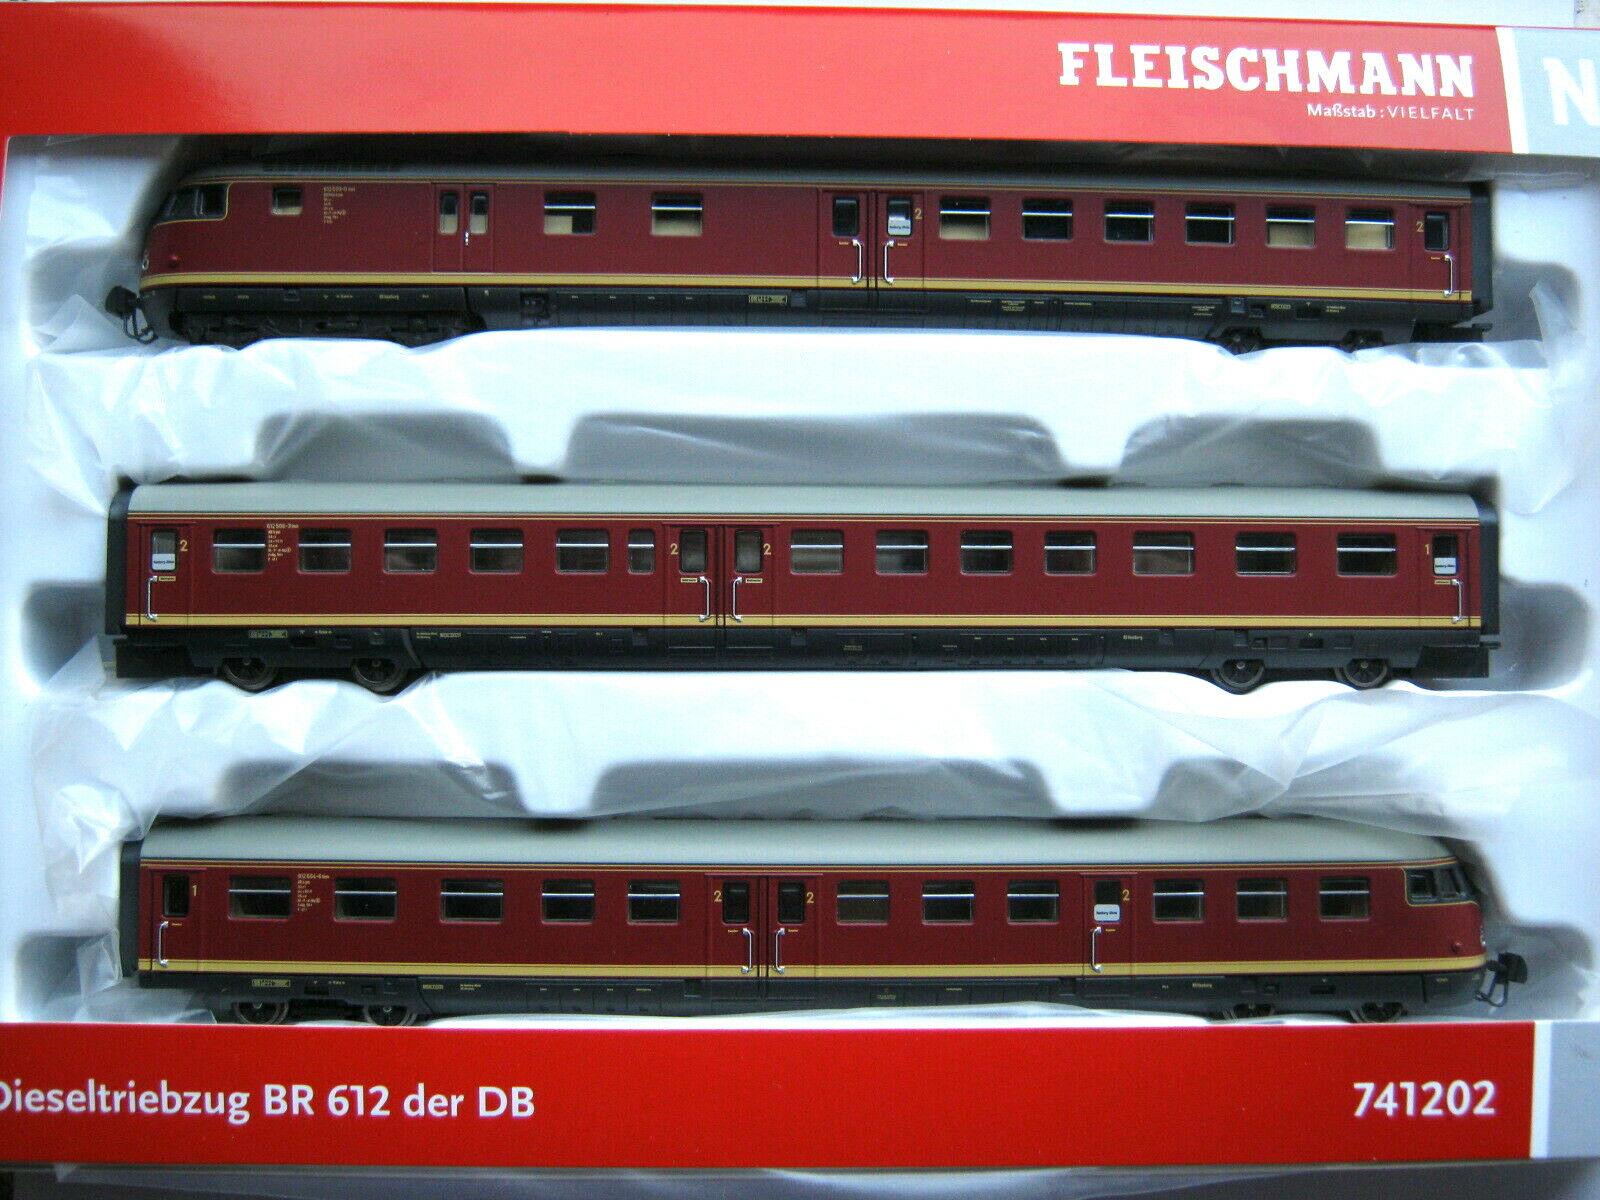 Fleischmann N 741202 BR 612 (VT 12.5) Diesel TRIEBZUG DB ep.4 NUOVO ov uova testa DSS